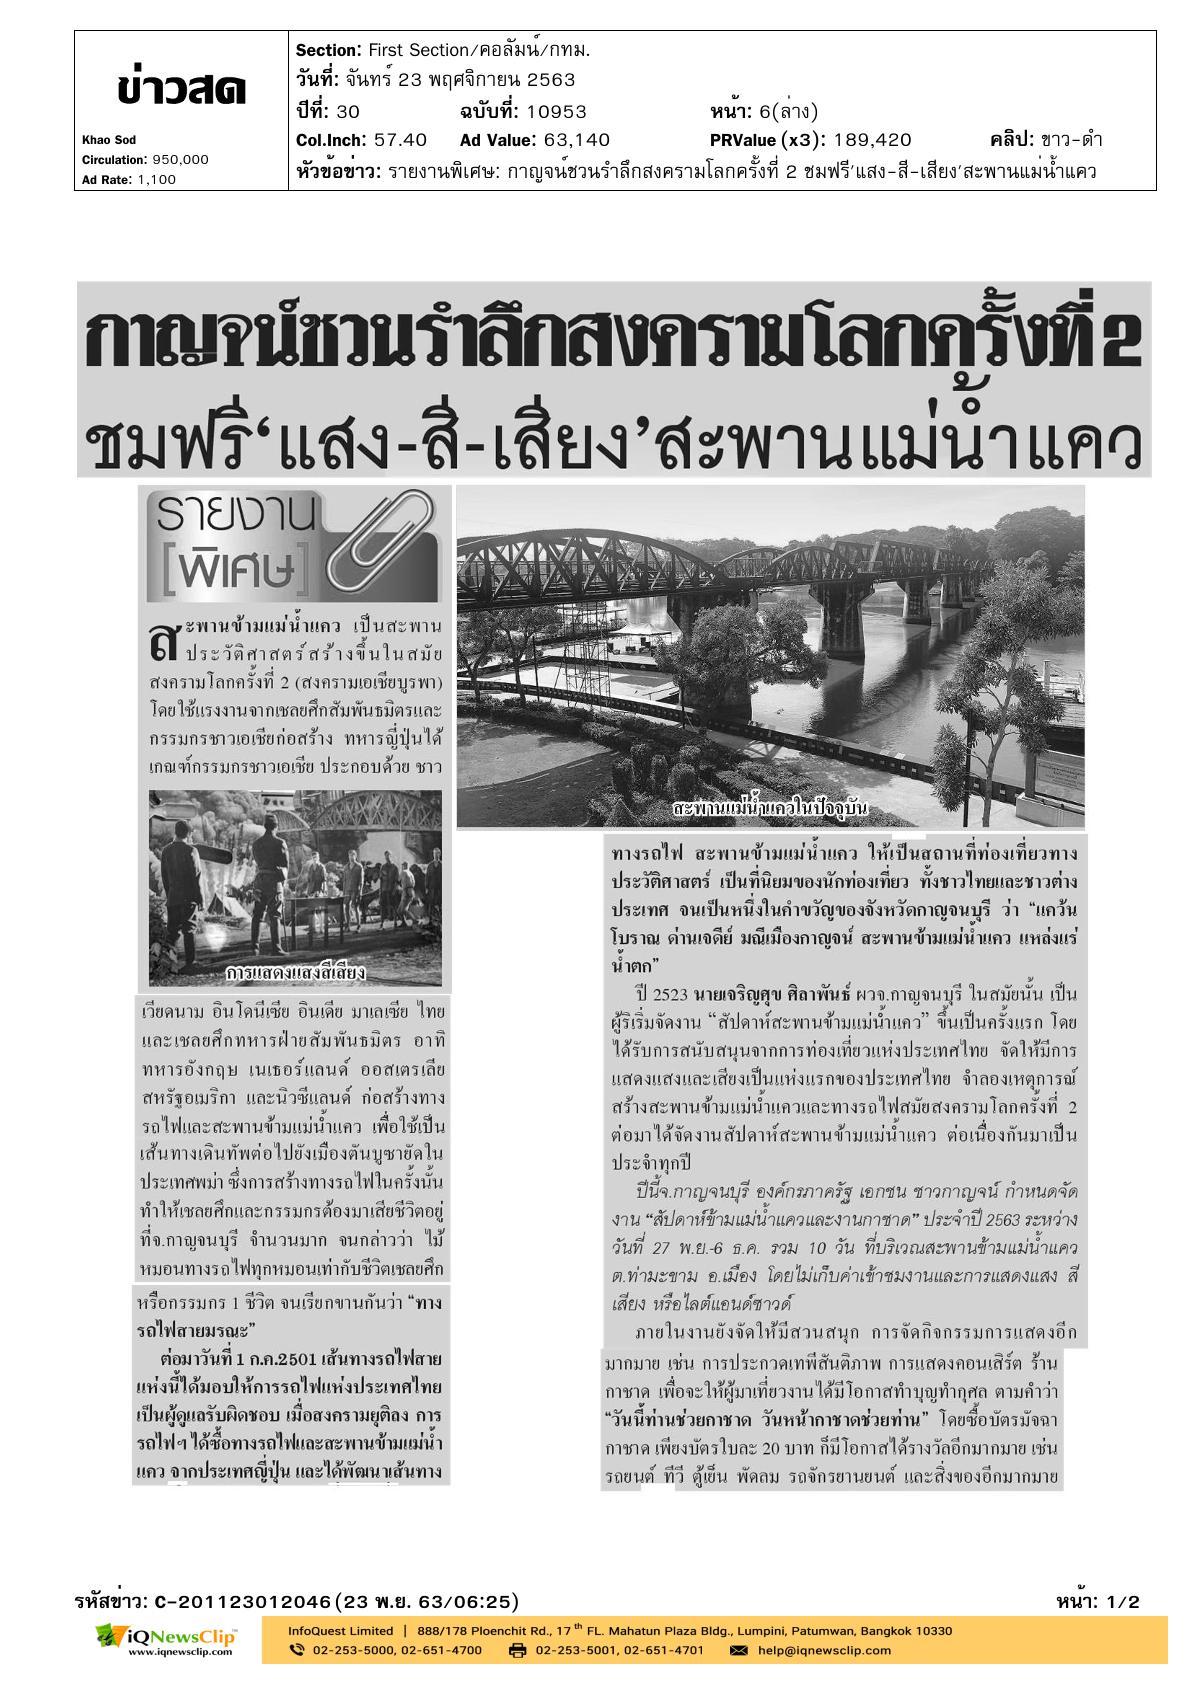 """ชวนเที่ยวงาน """"สัปดาห์สะพานข้ามแม่น้ำแควและงานกาชาด ประจำปี 2563"""""""